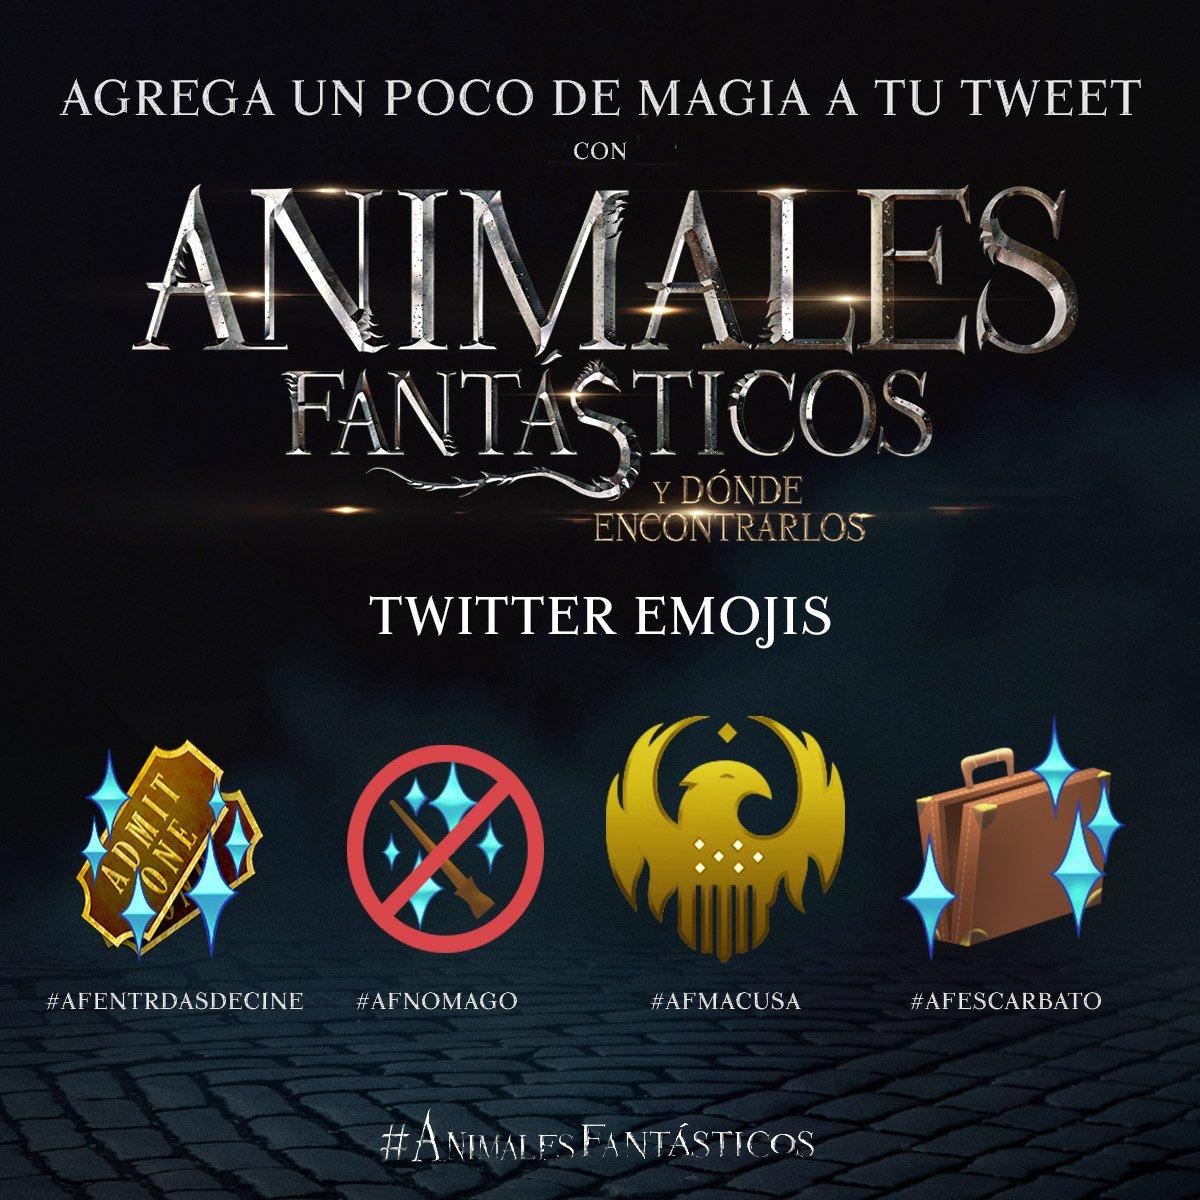 2-emojis-animales-fantasticos-2016